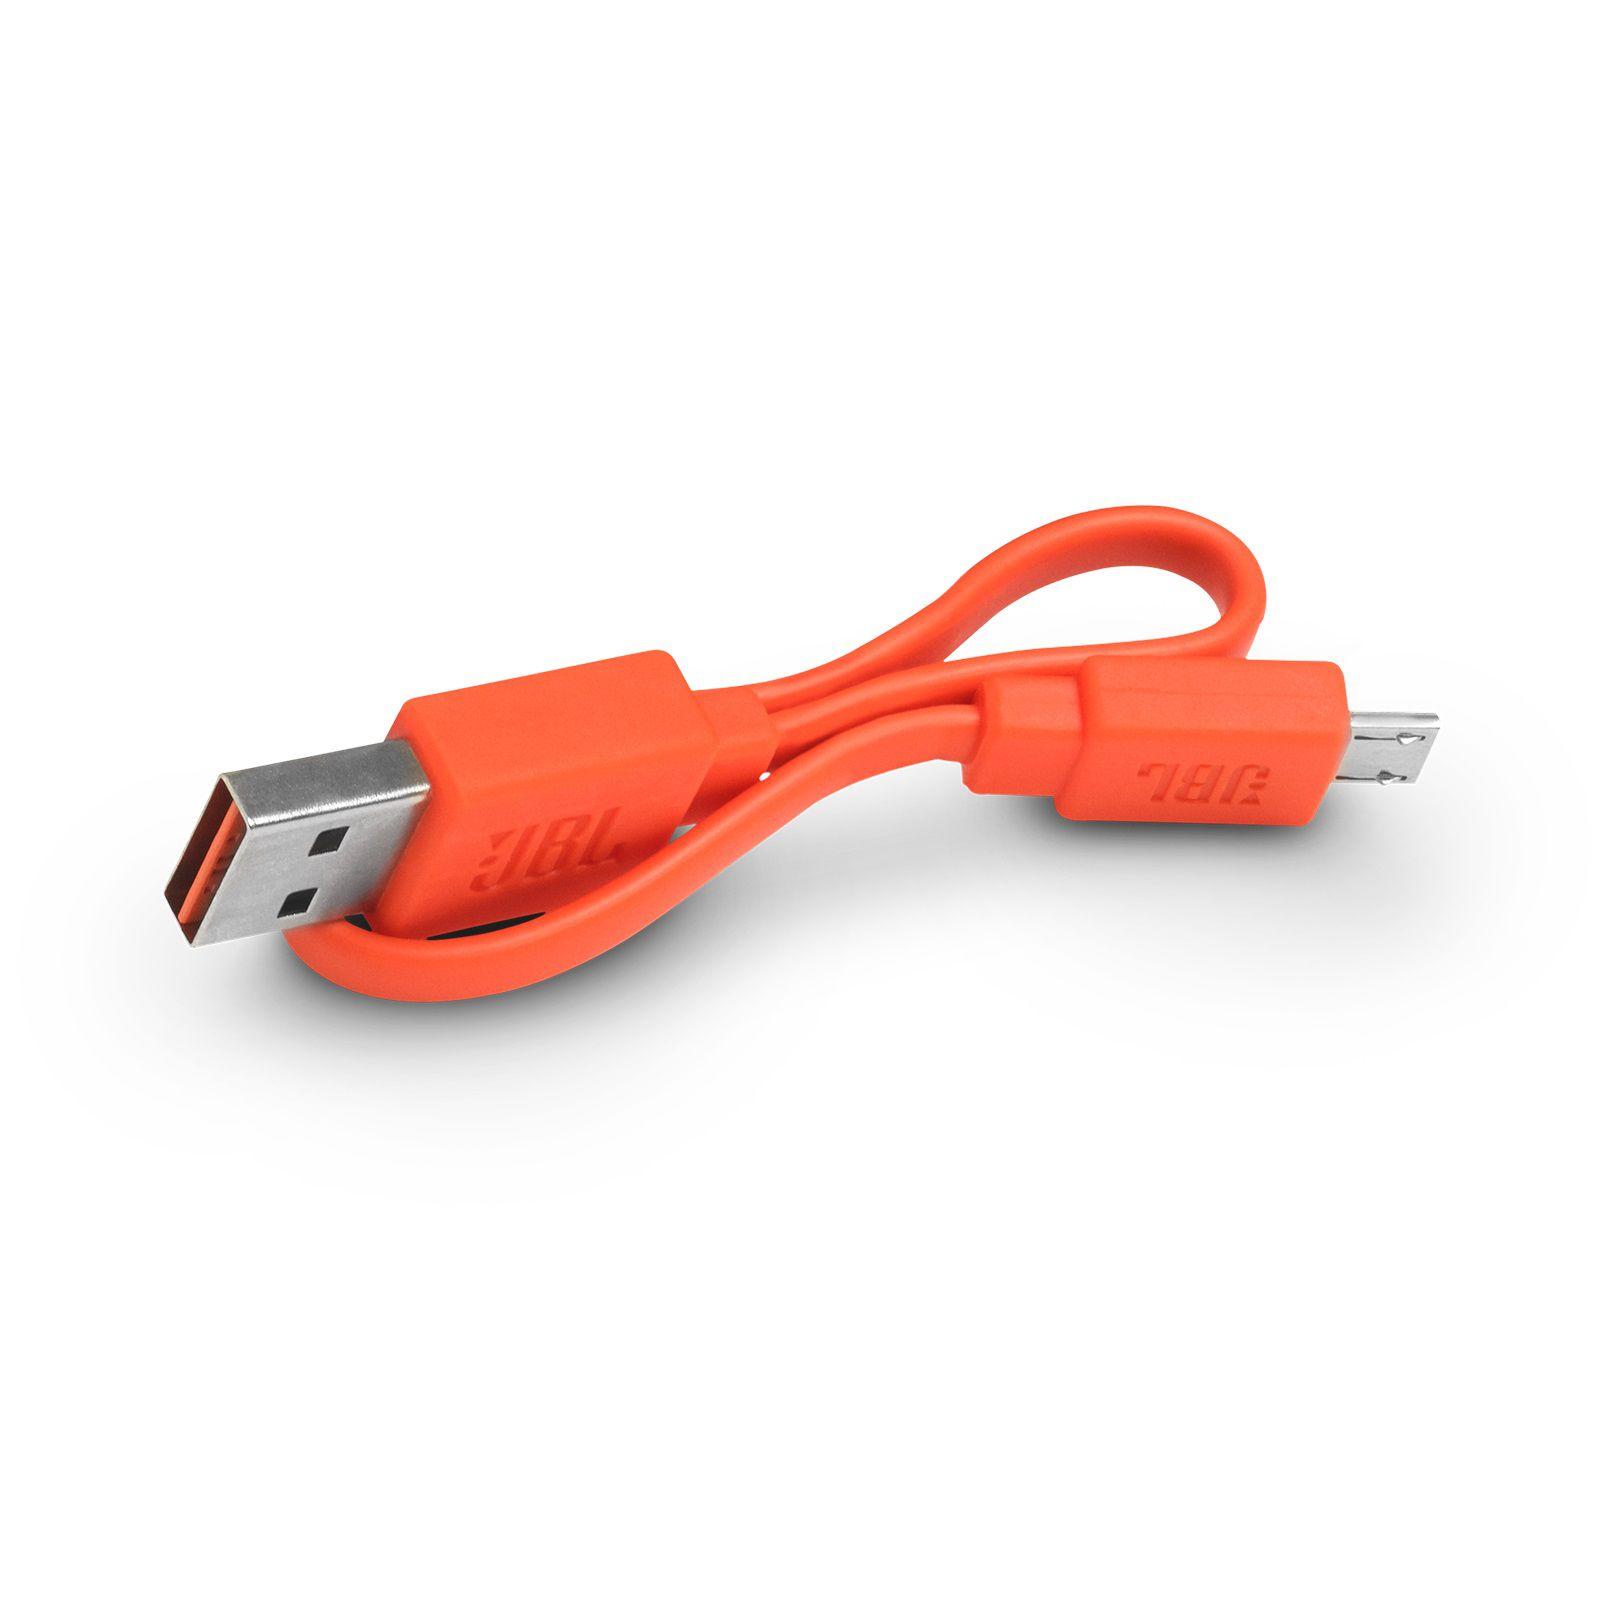 CAIXA DE SOM JBL TUNE PORTATIL BLUETOOTH FM USB BLK